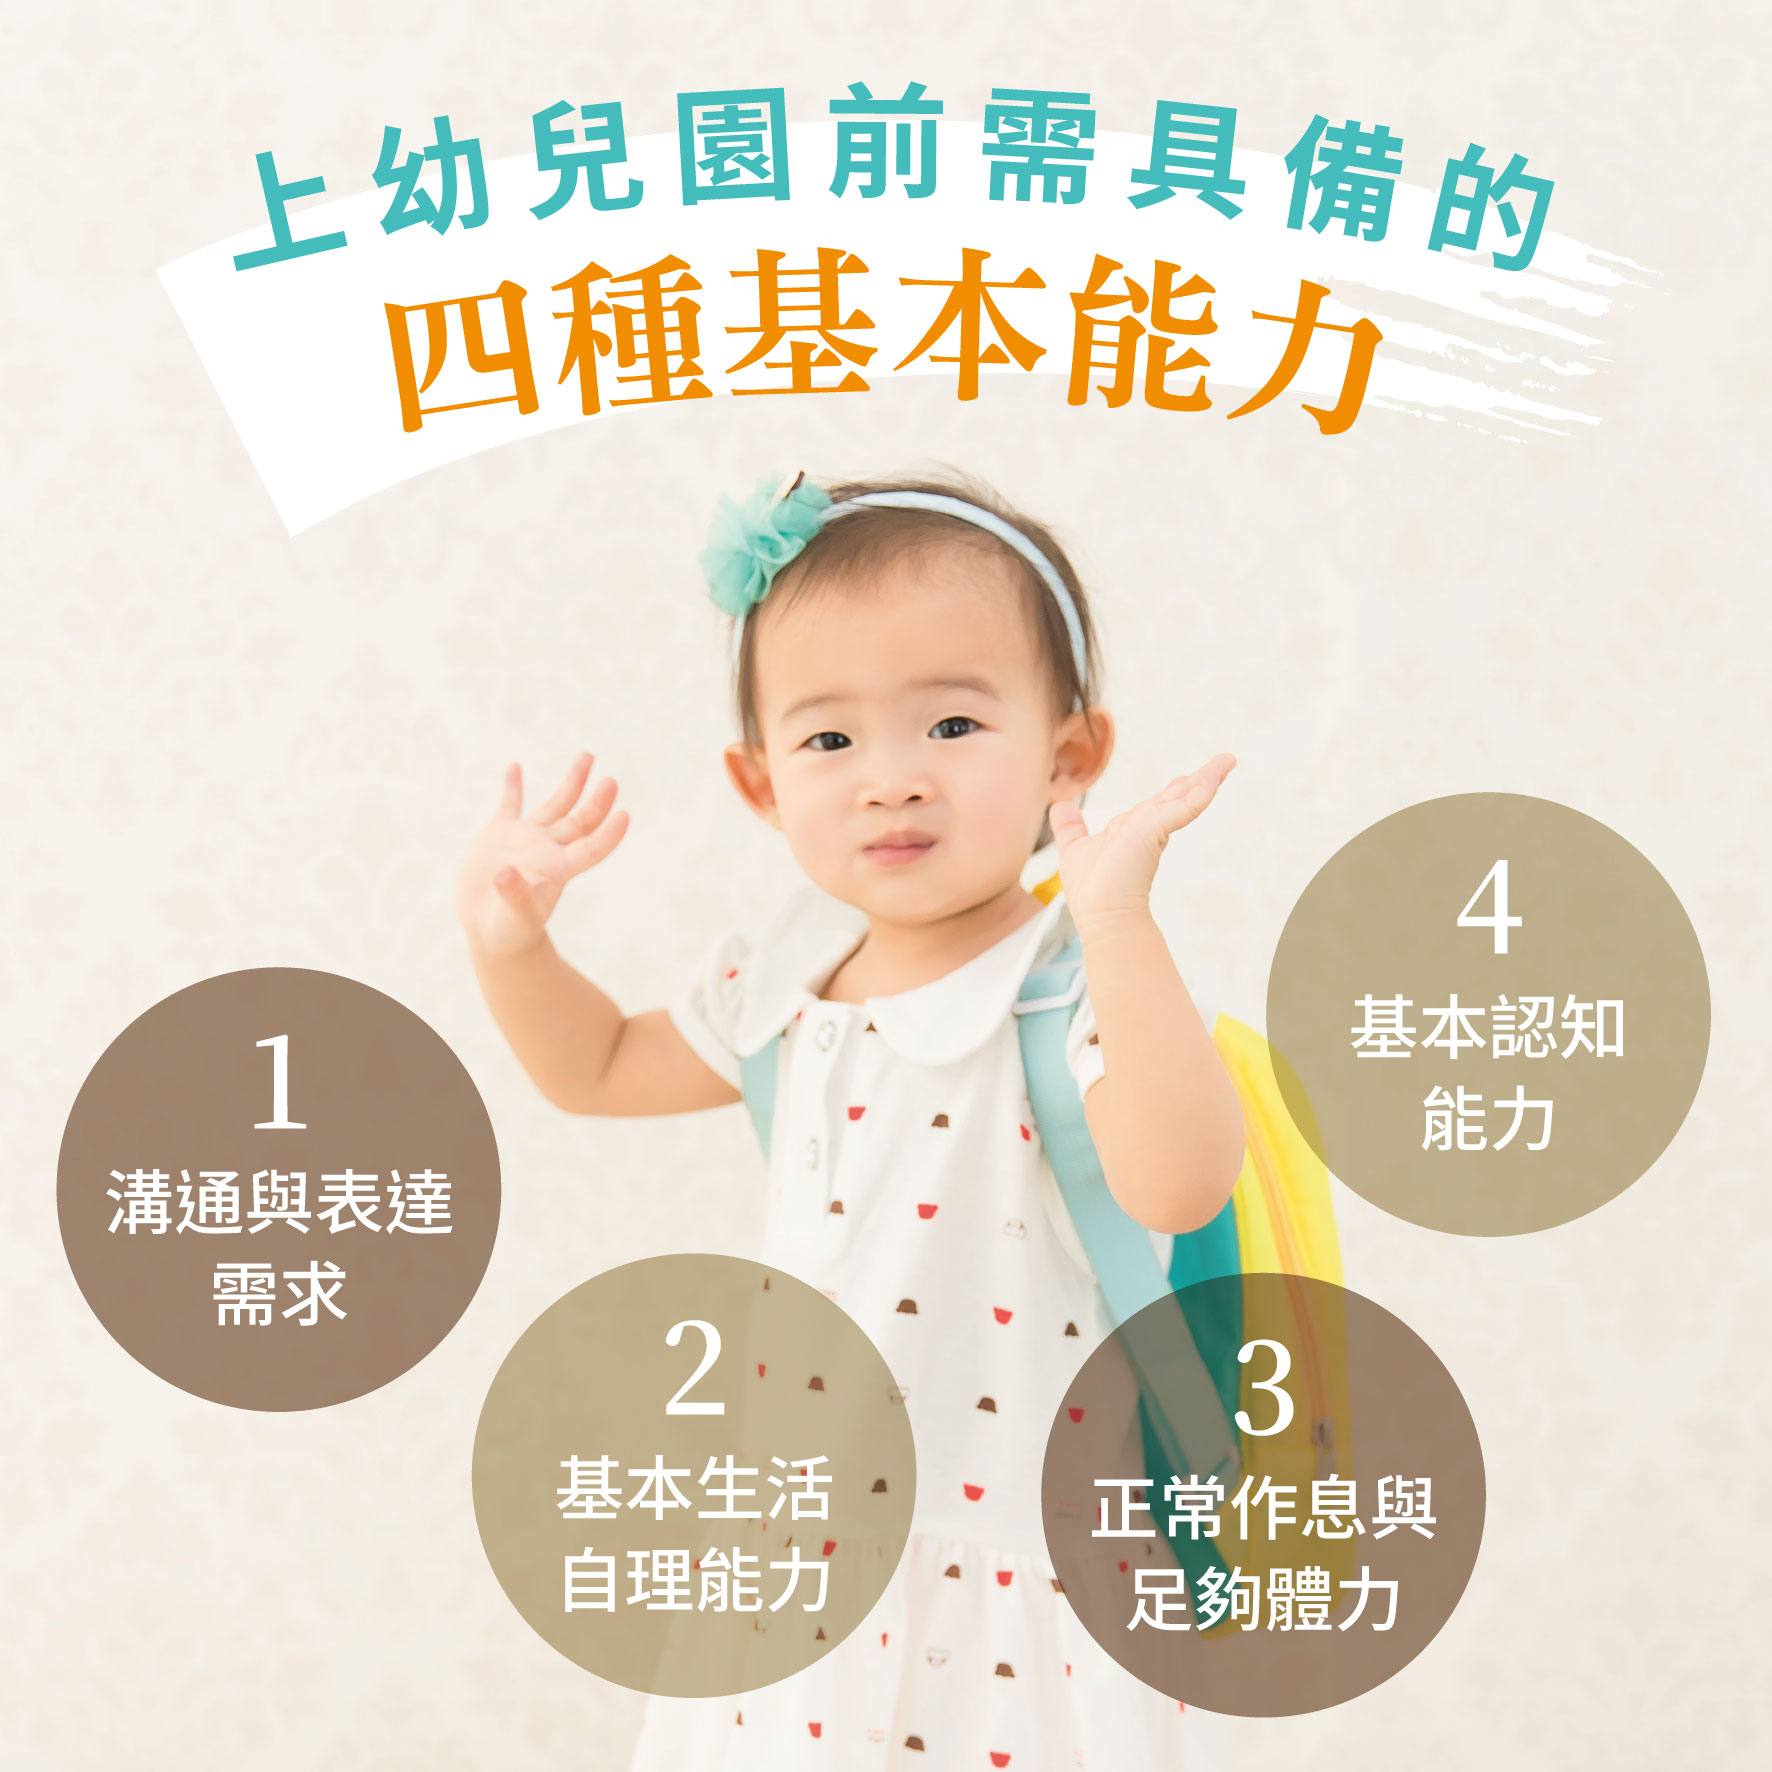 幼兒3歲 (第4週)上幼兒園前須具備的四種基本能力